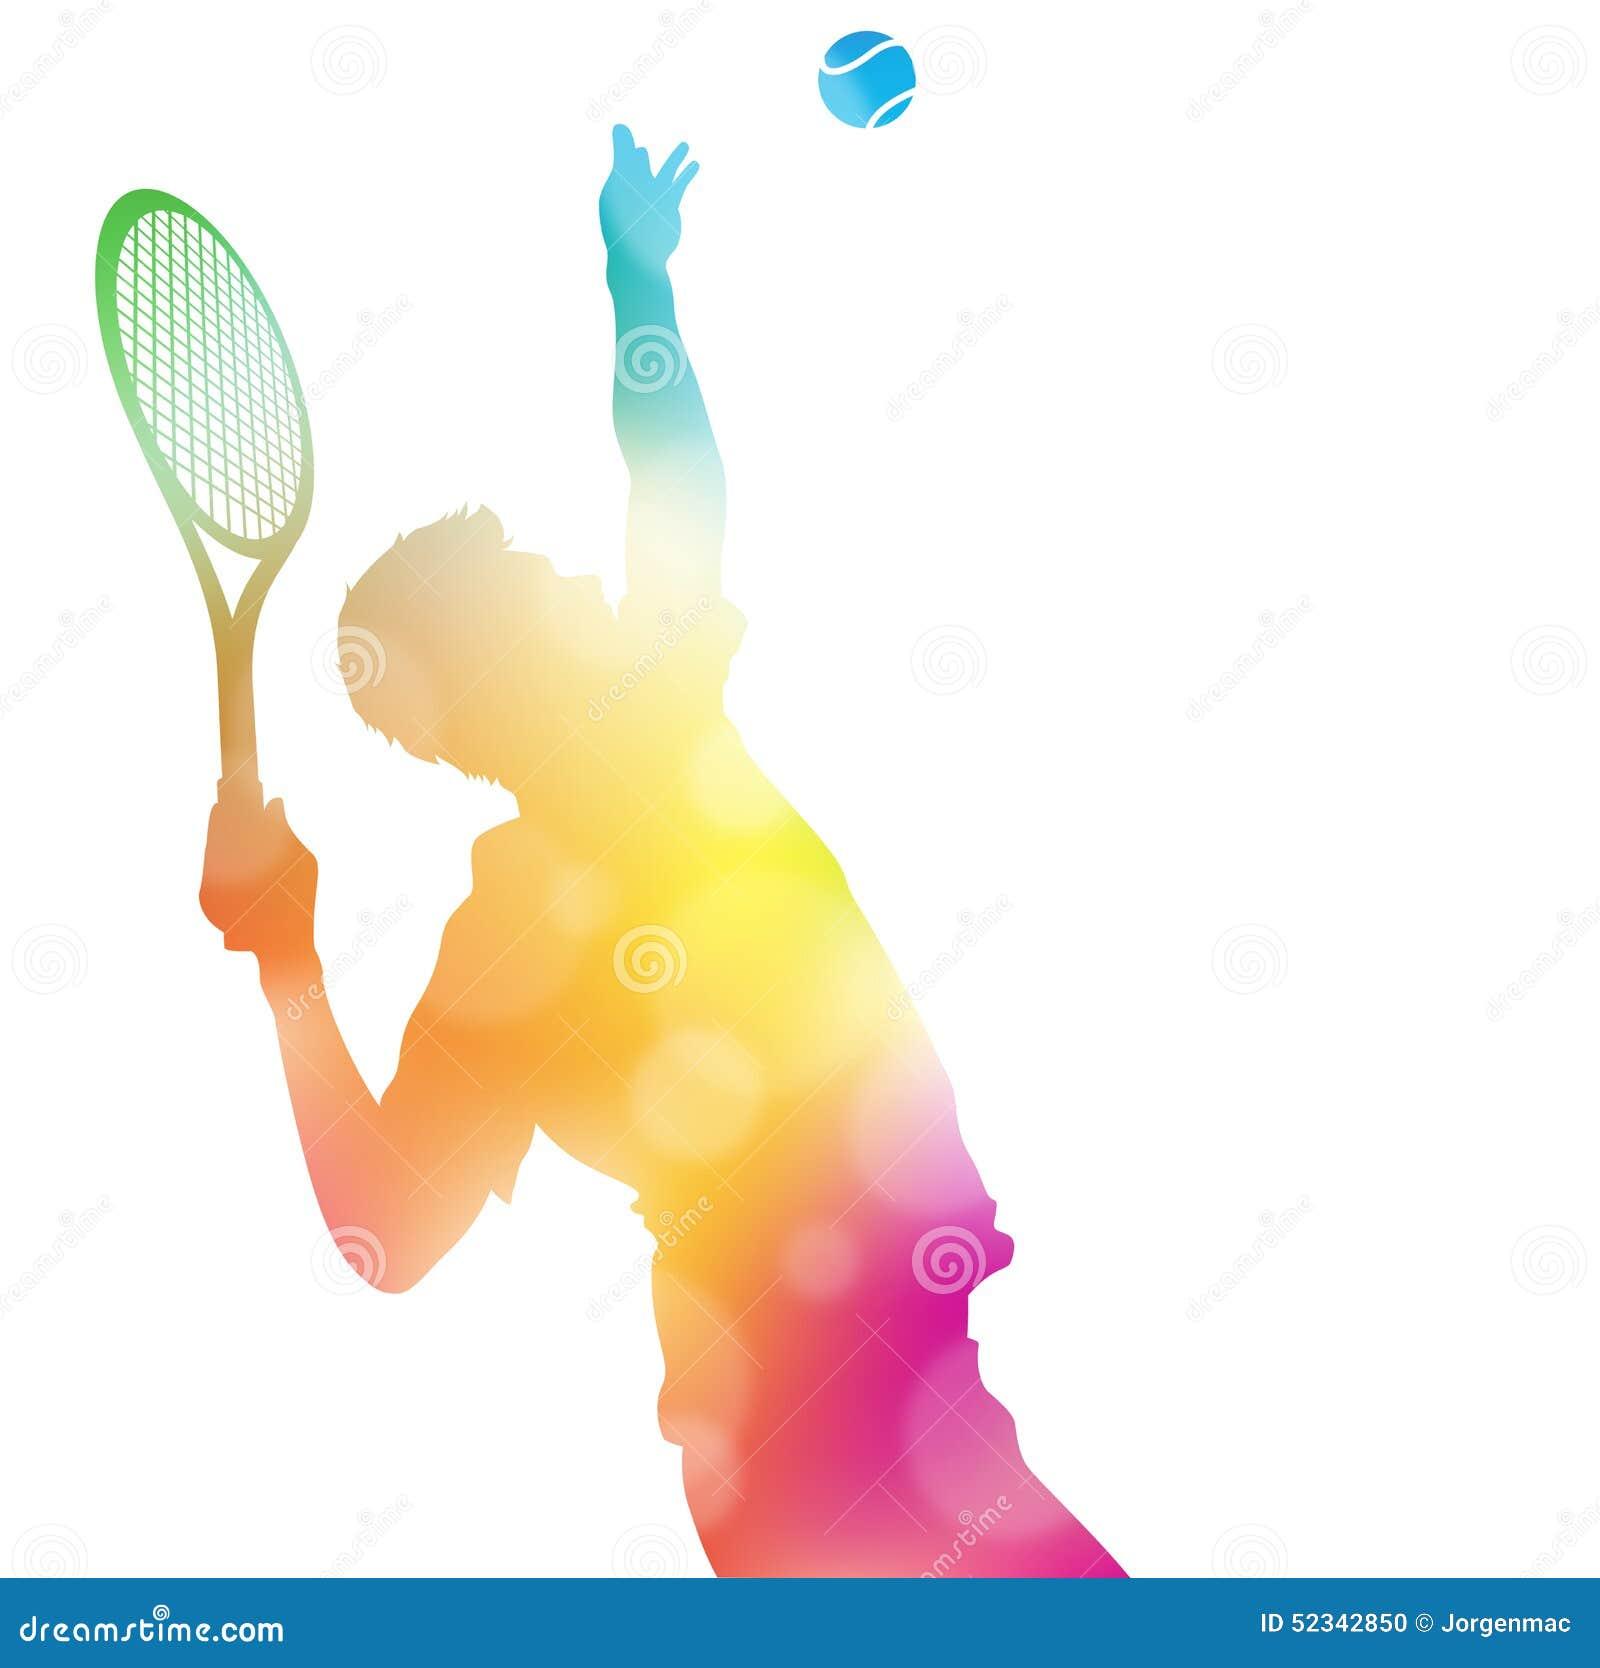 0edb81af16 El ejemplo abstracto colorido de un jugador de tenis que sirve arriba  golpear Ace en este campeonato hace juego a través de una neblina de las  faltas de ...